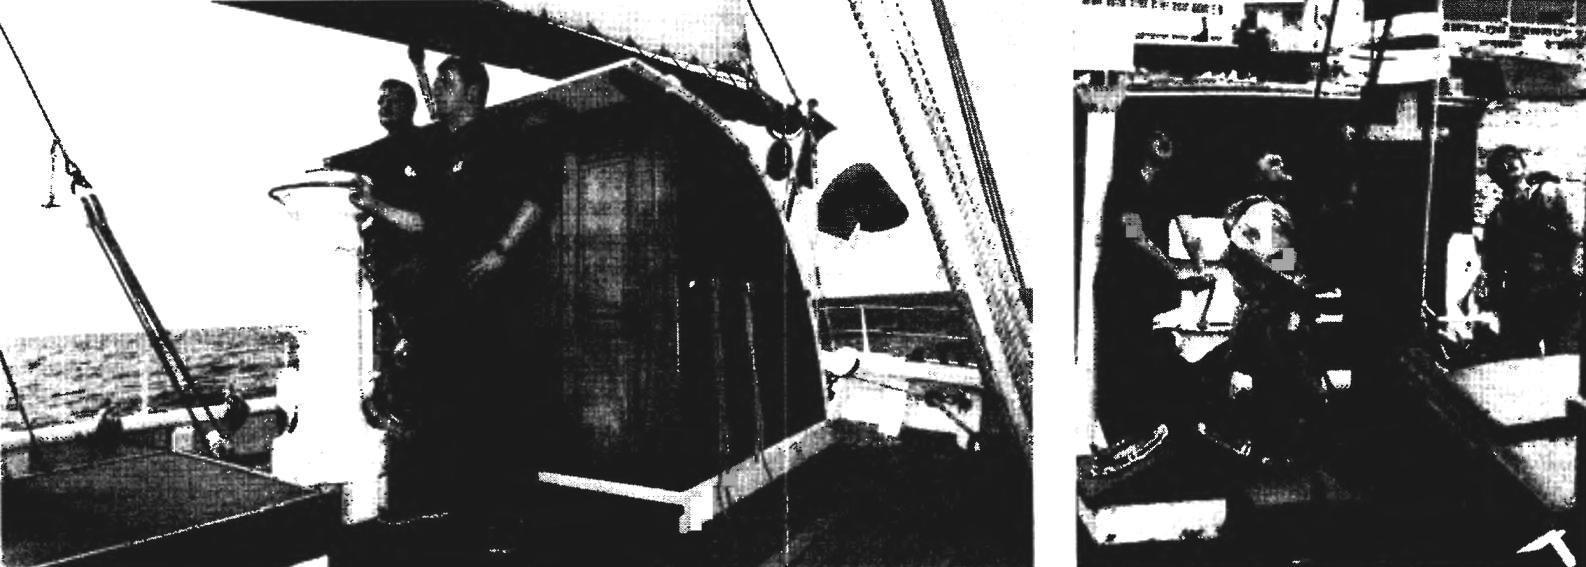 Вахта у штурвала шхуны «Белль Пуль». Постановка марселя на шхуне «Этуаль» с помощью такелажной лебедки.